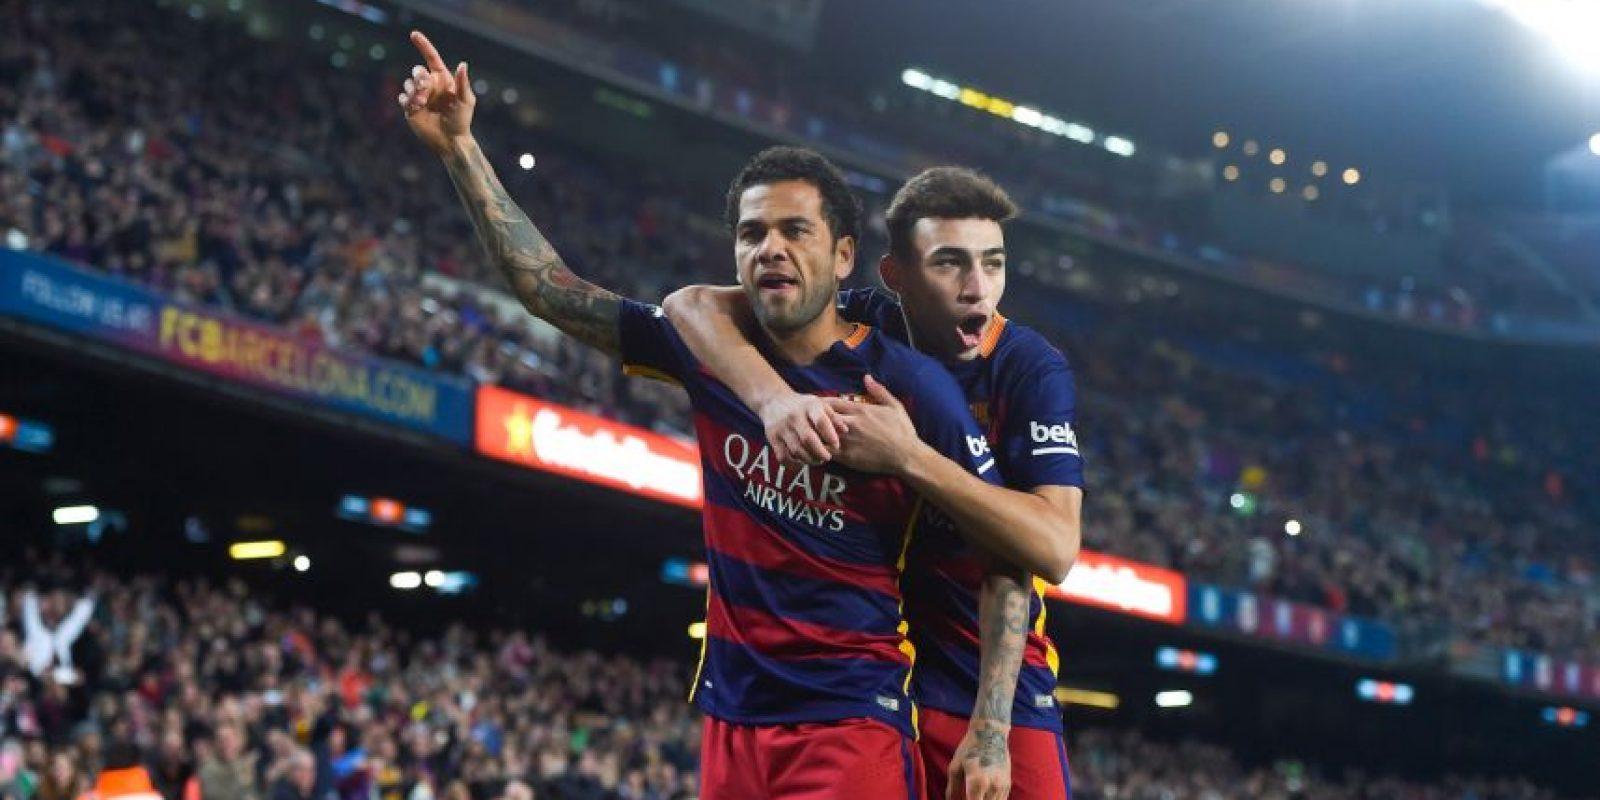 Y seis más que el Real Madrid Foto:Getty Images